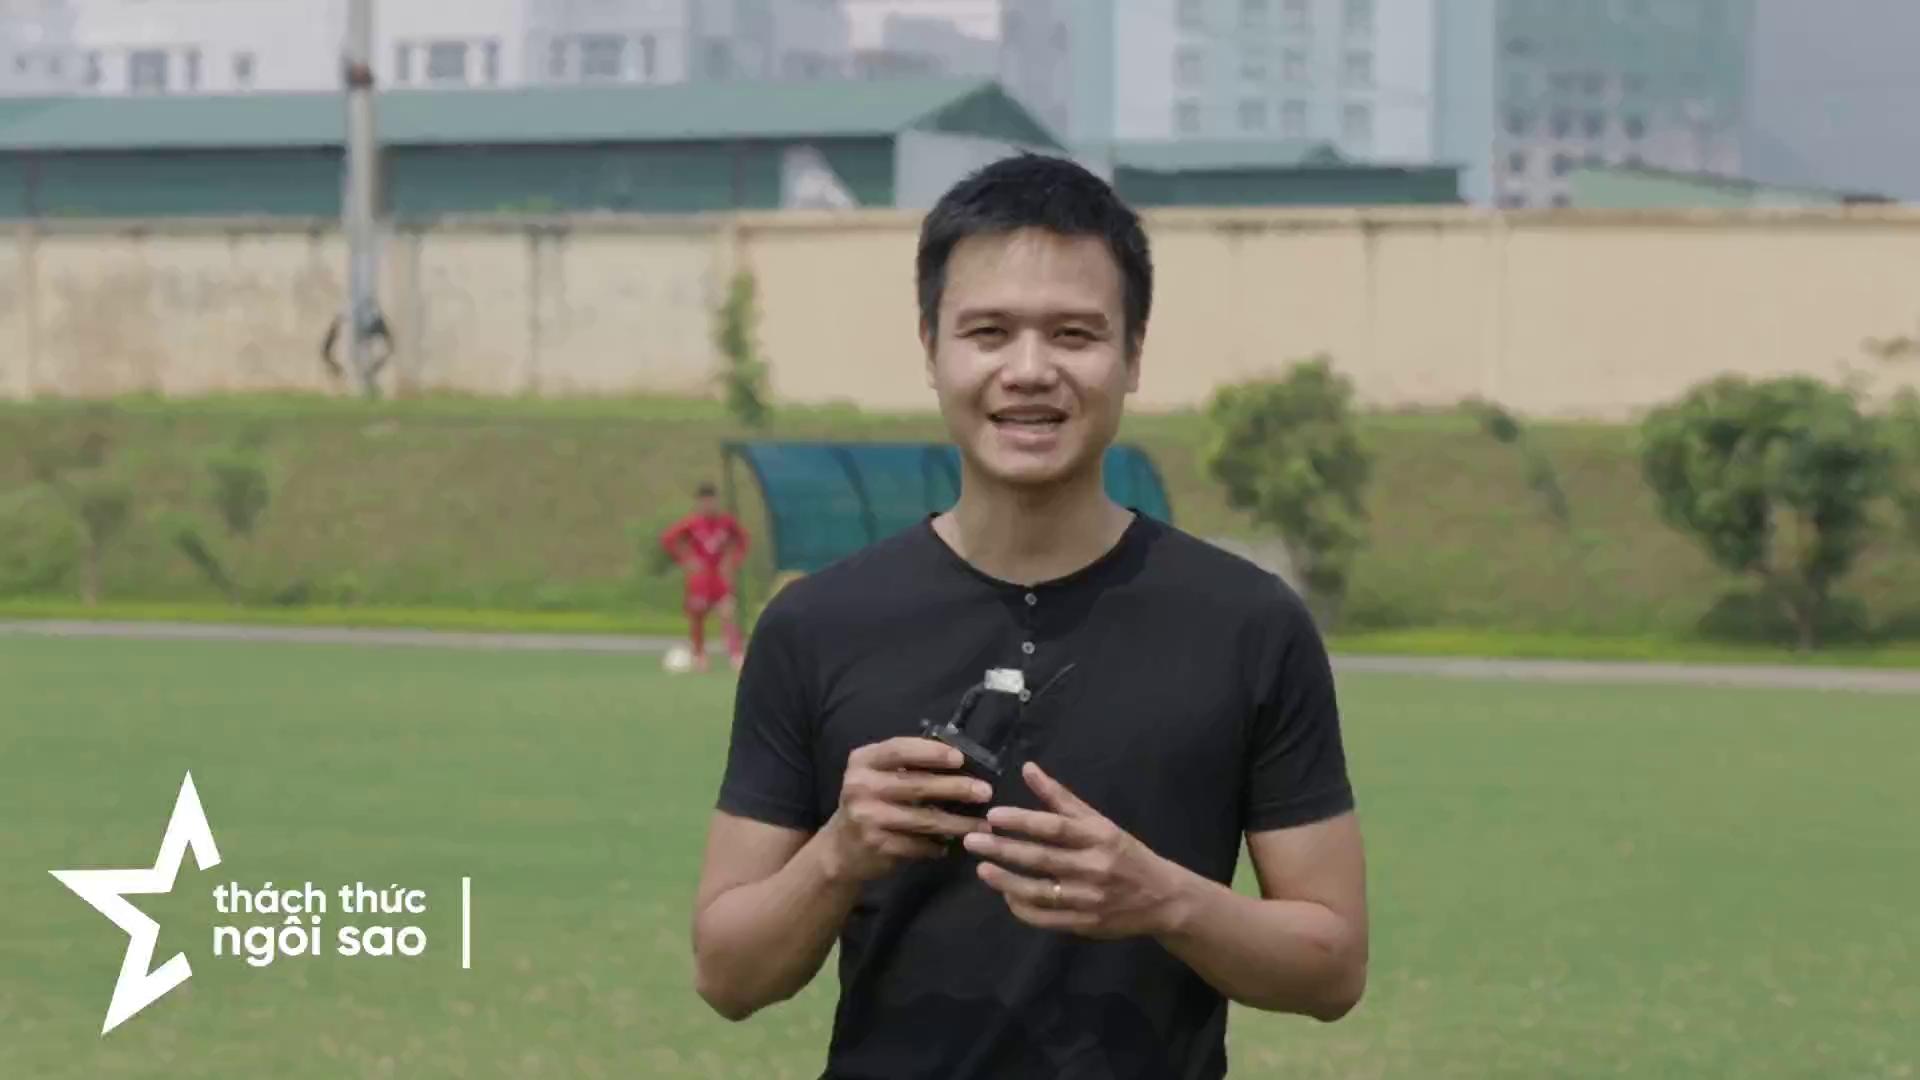 """Thách thức """"trái khoáy"""" mang tên Neymar và bất ngờ từ sao U23 Việt Nam."""